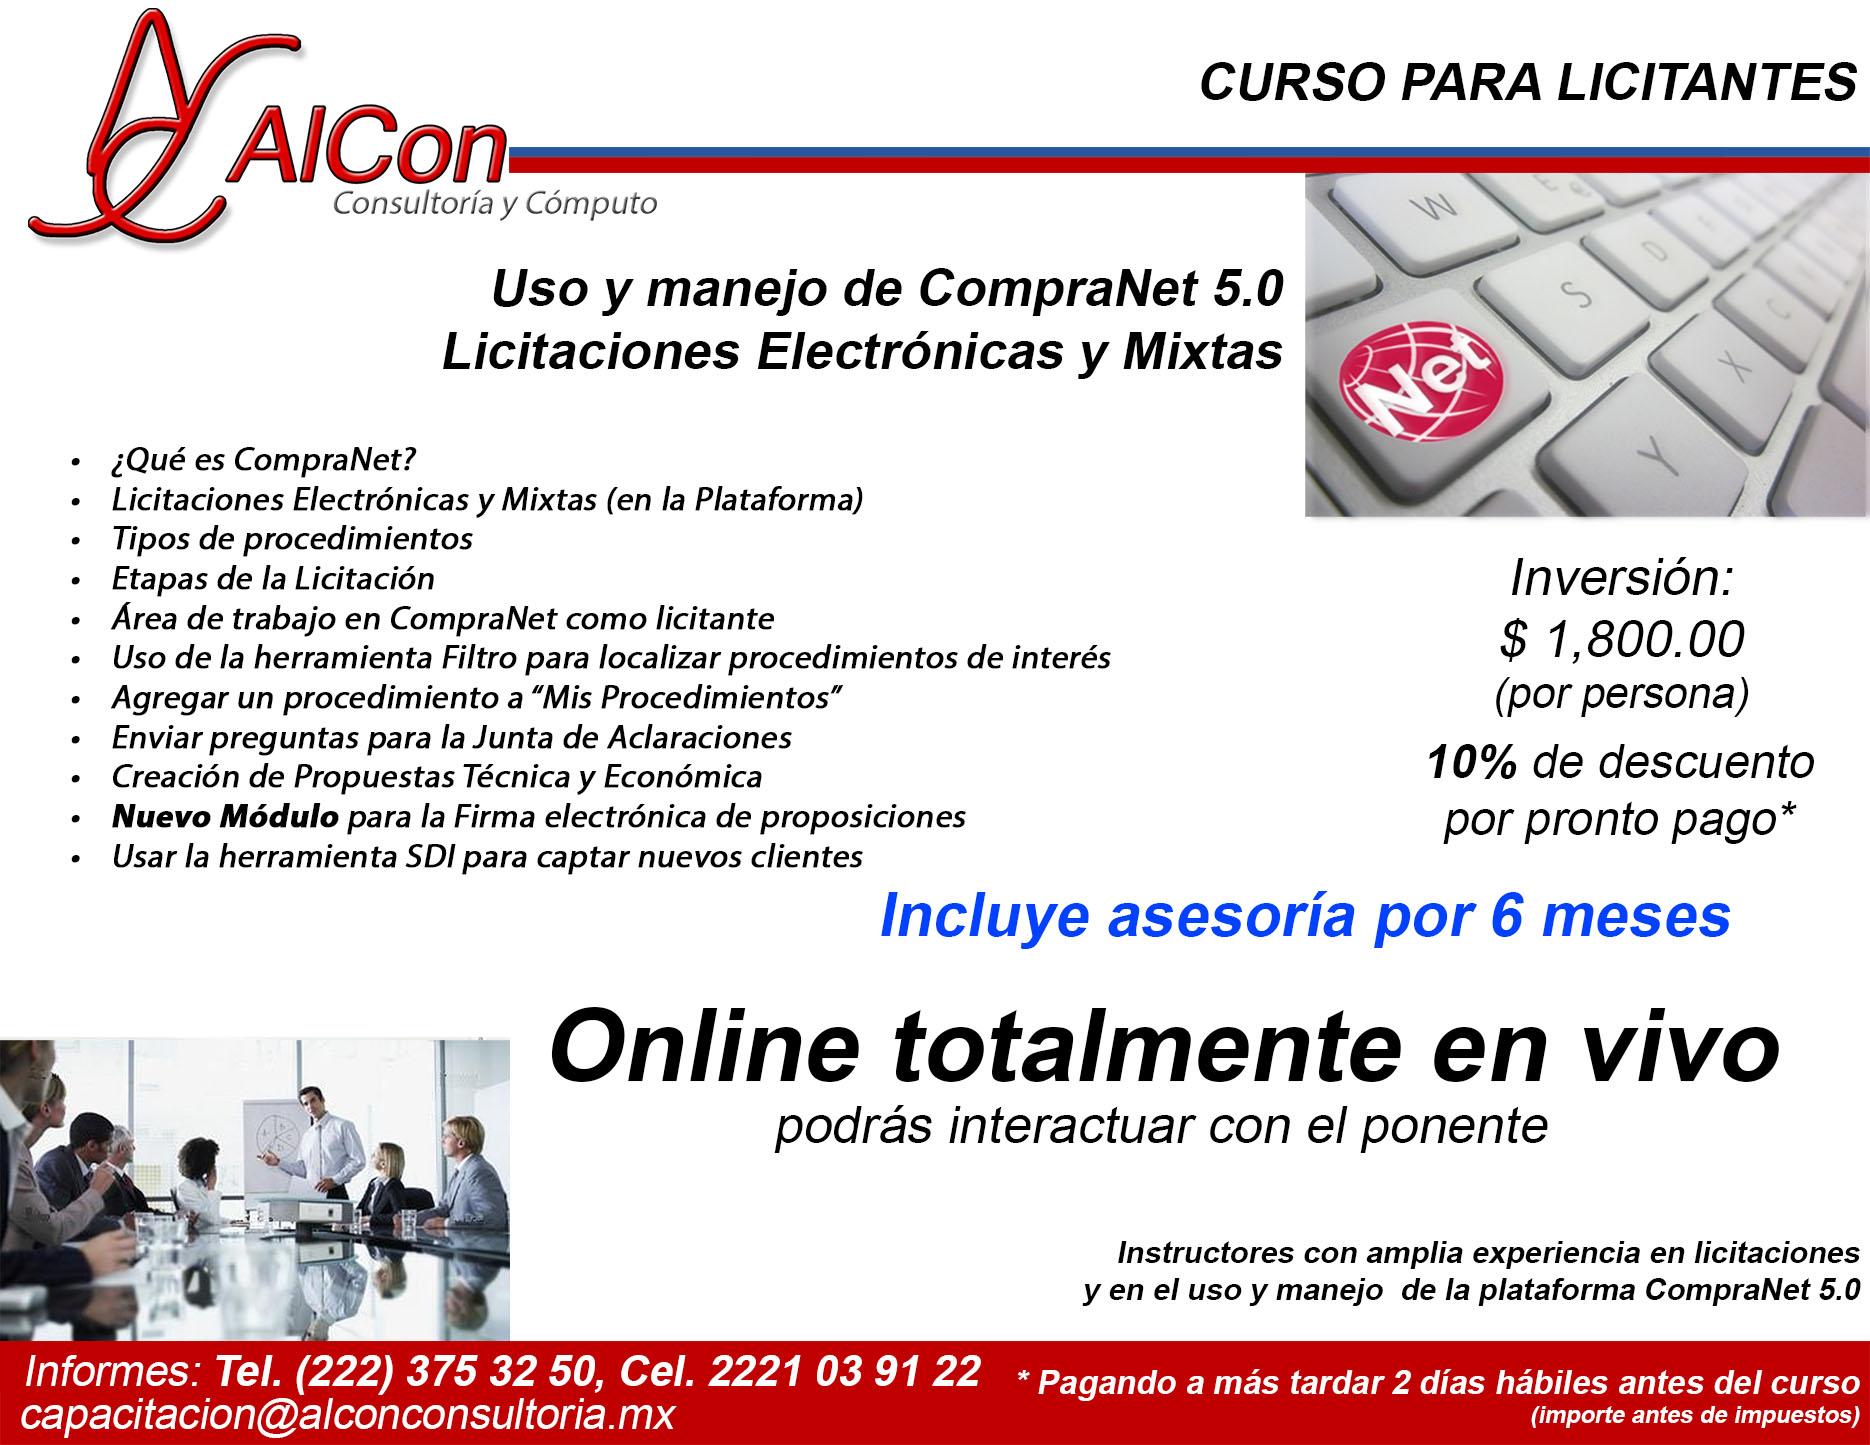 Curso online de CompraNet 5.0, AlCon Consultoría y Cómputo, AlCon Consulting And Commerce